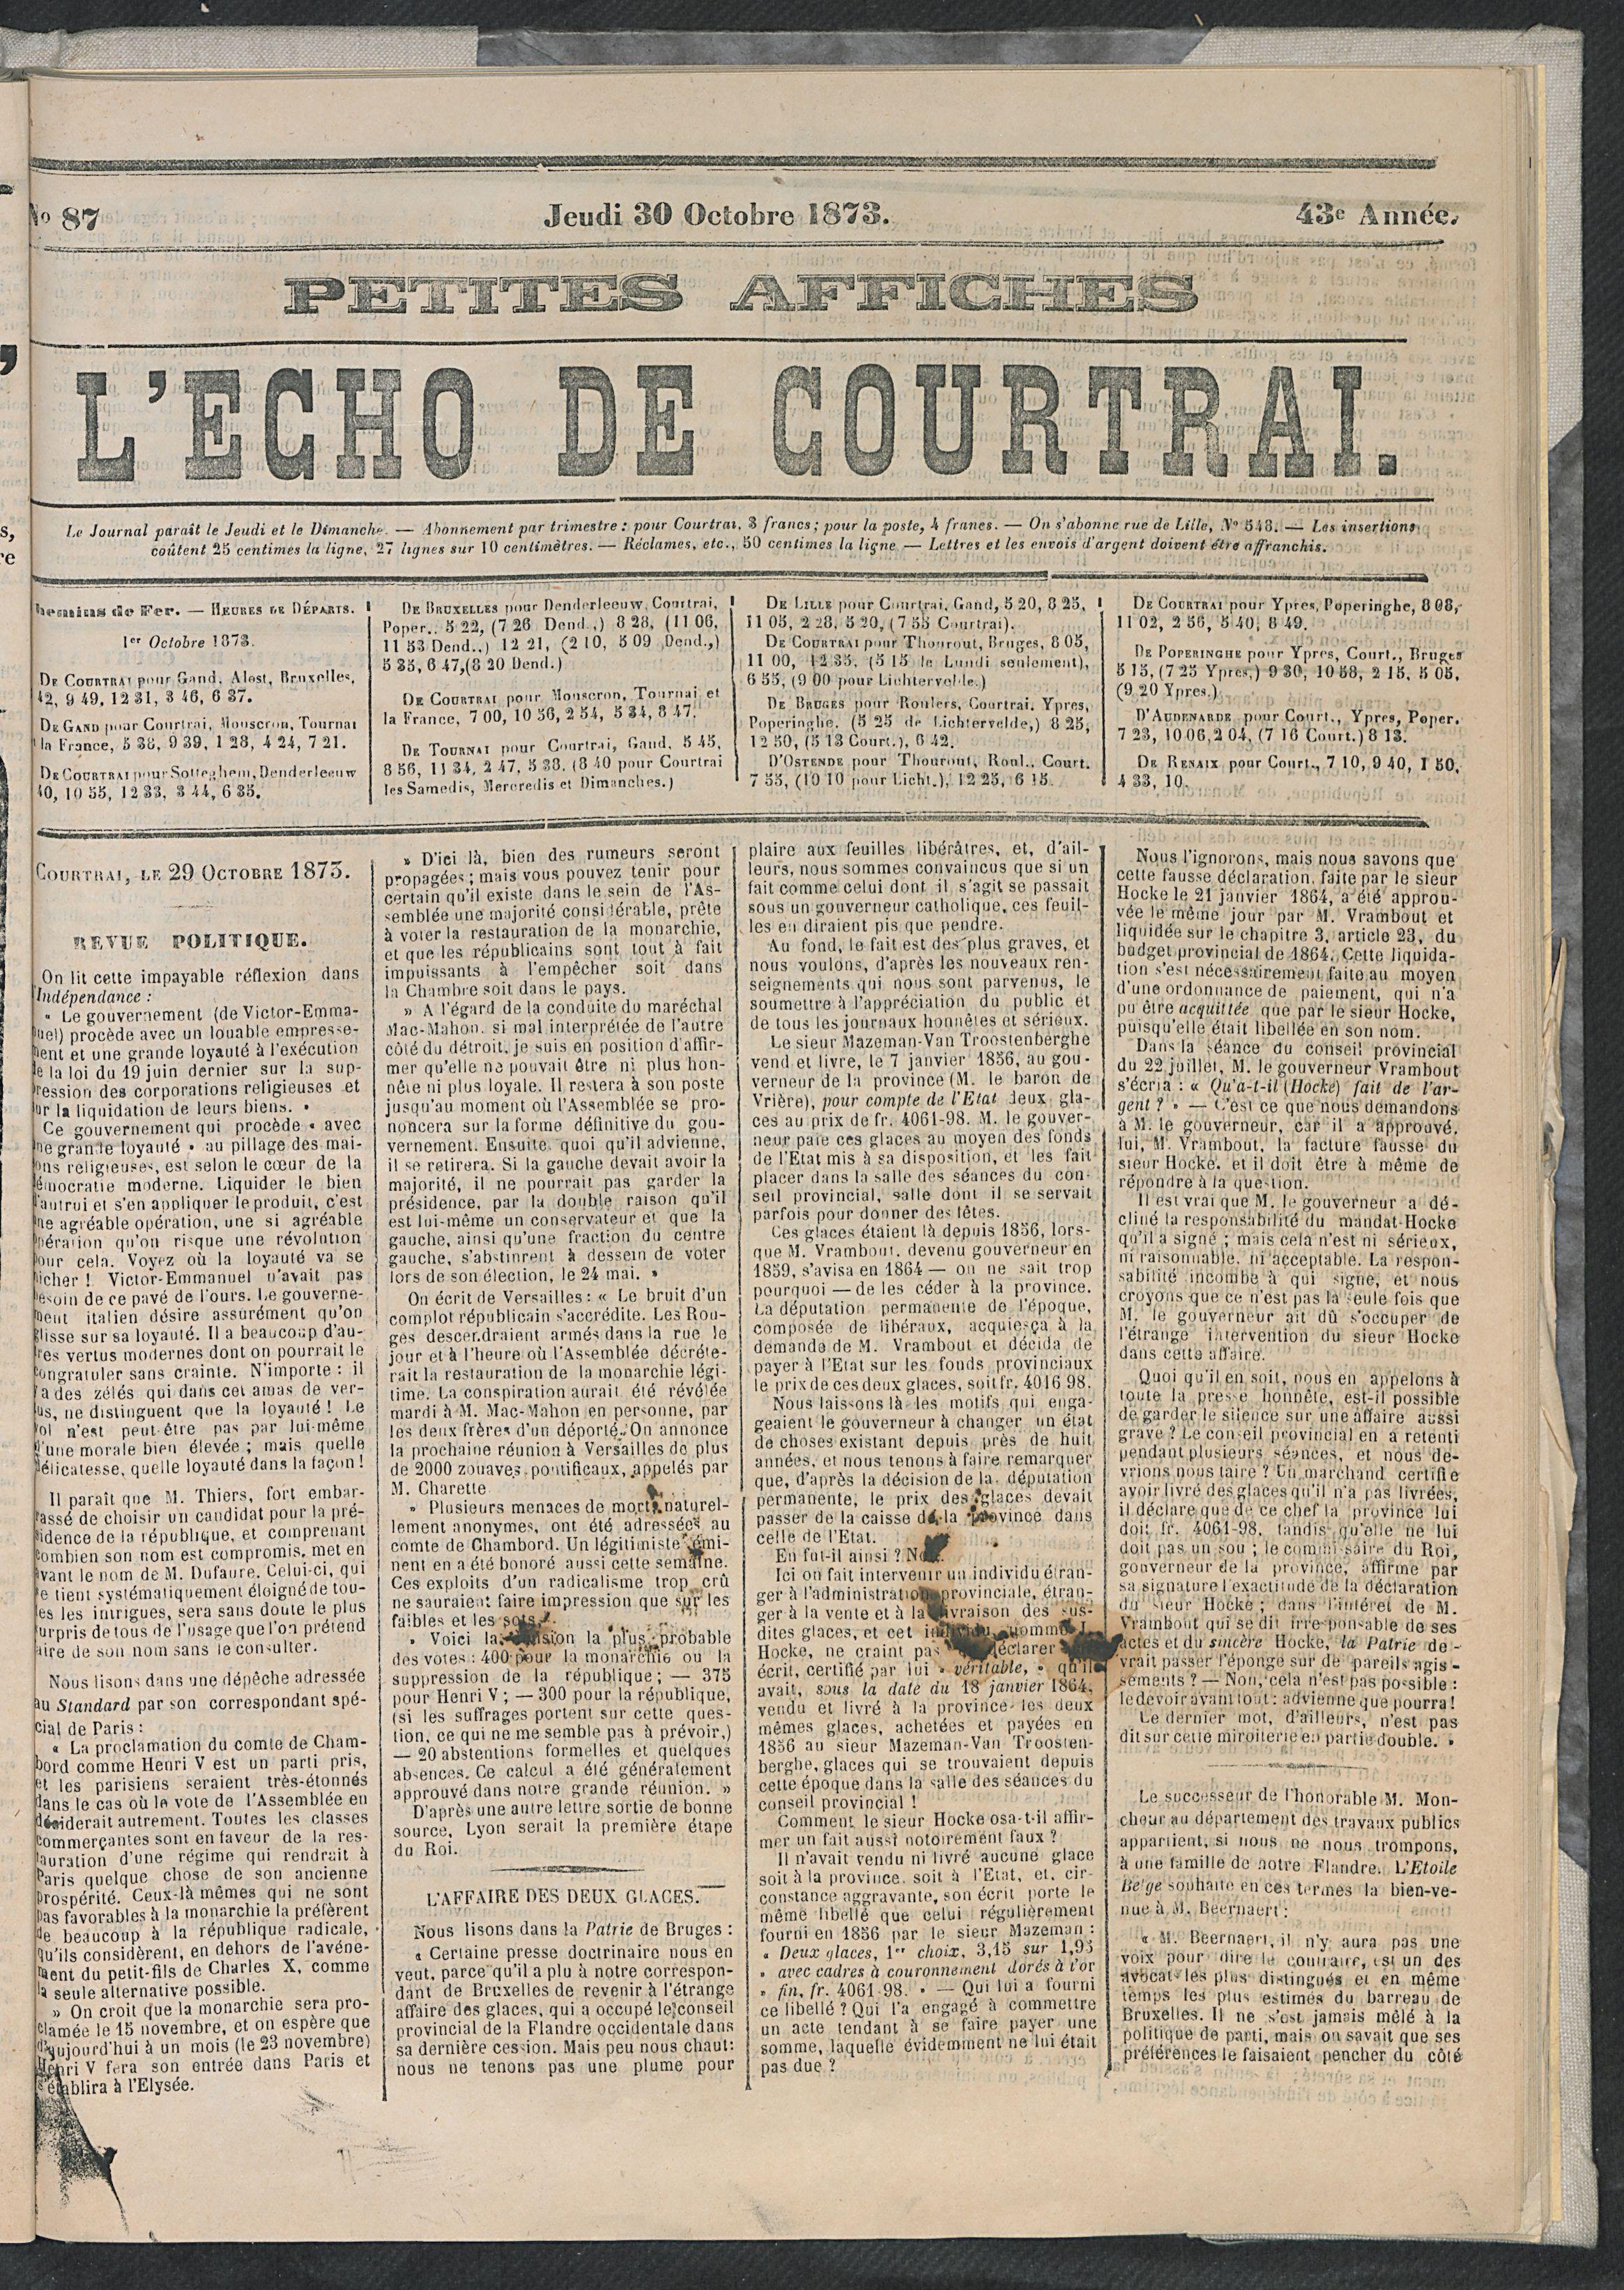 L'echo De Courtrai 1873-10-30 p1